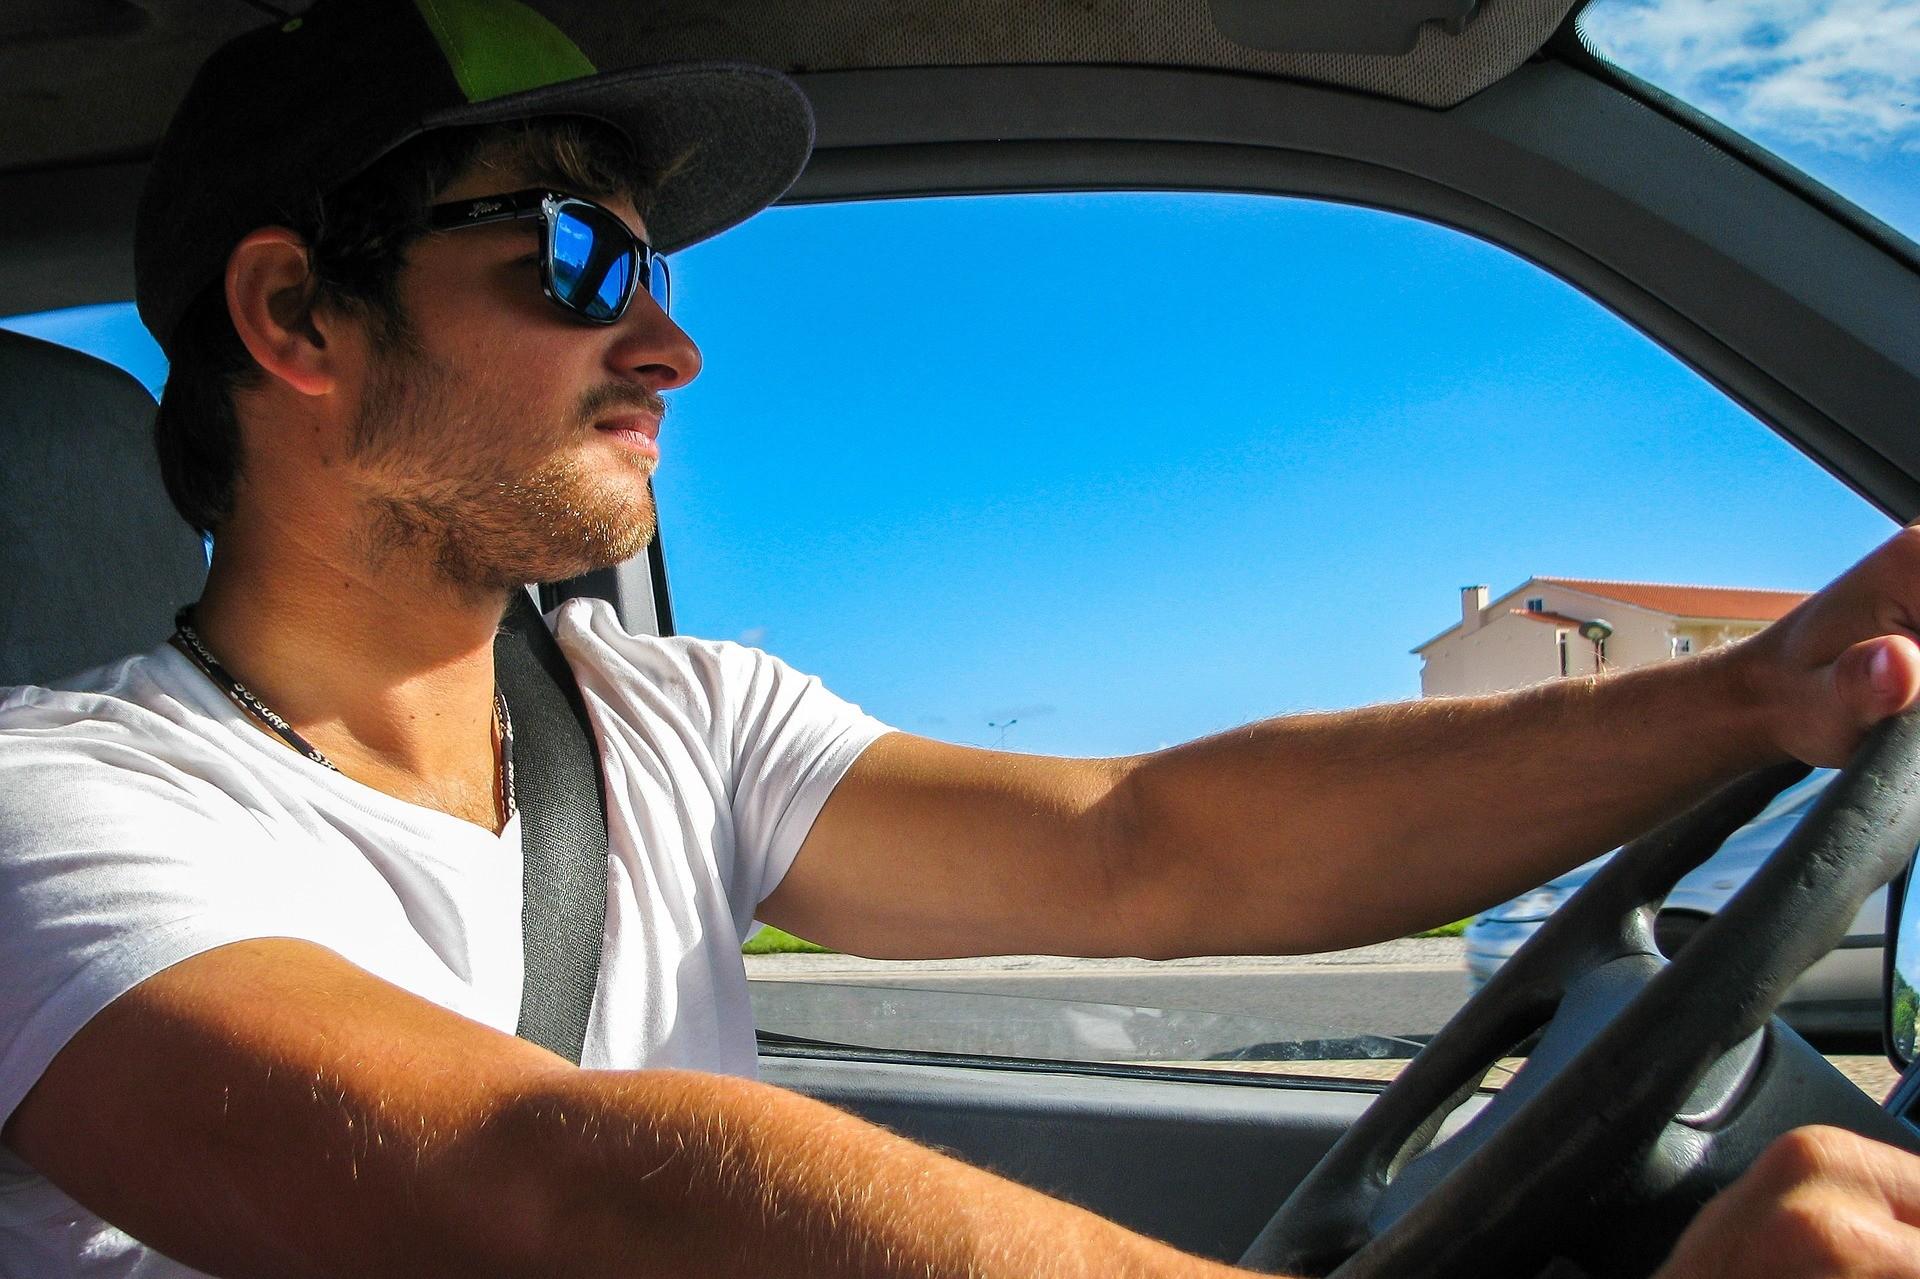 Óculos de sol: Quais os melhores para conduzir?